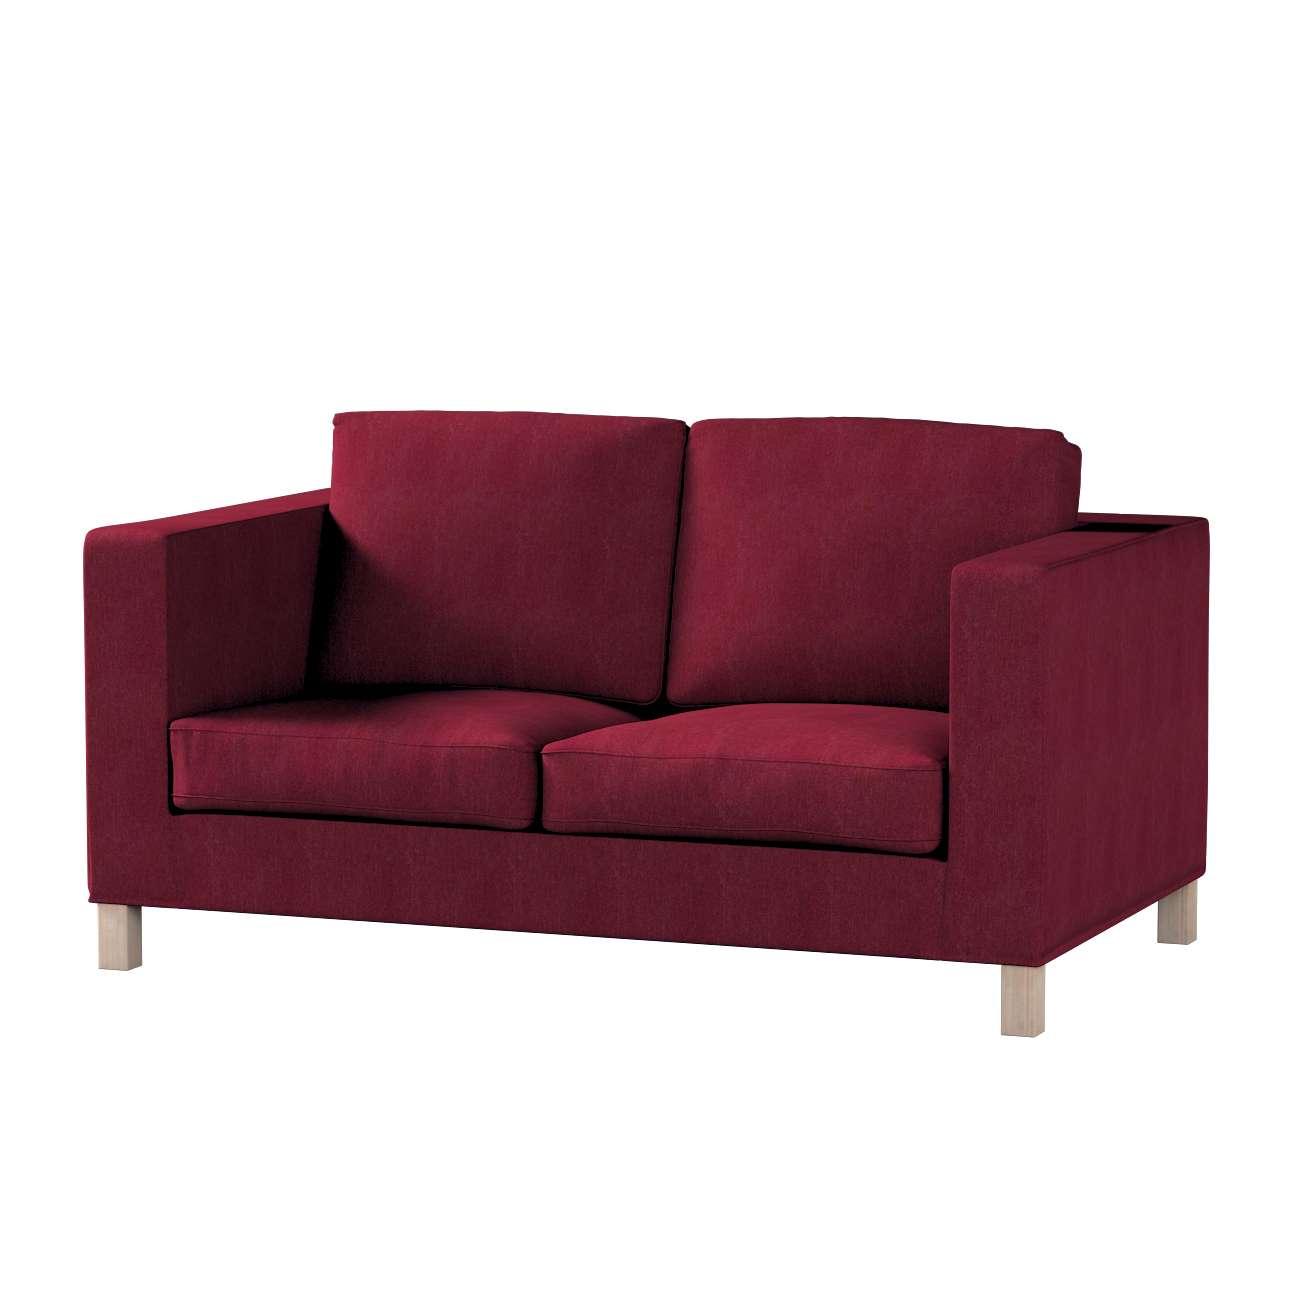 KARLANDA dvivietės sofos užvalkalas KARLANDA dvivietės sofos užvalkalas kolekcijoje Chenille, audinys: 702-19